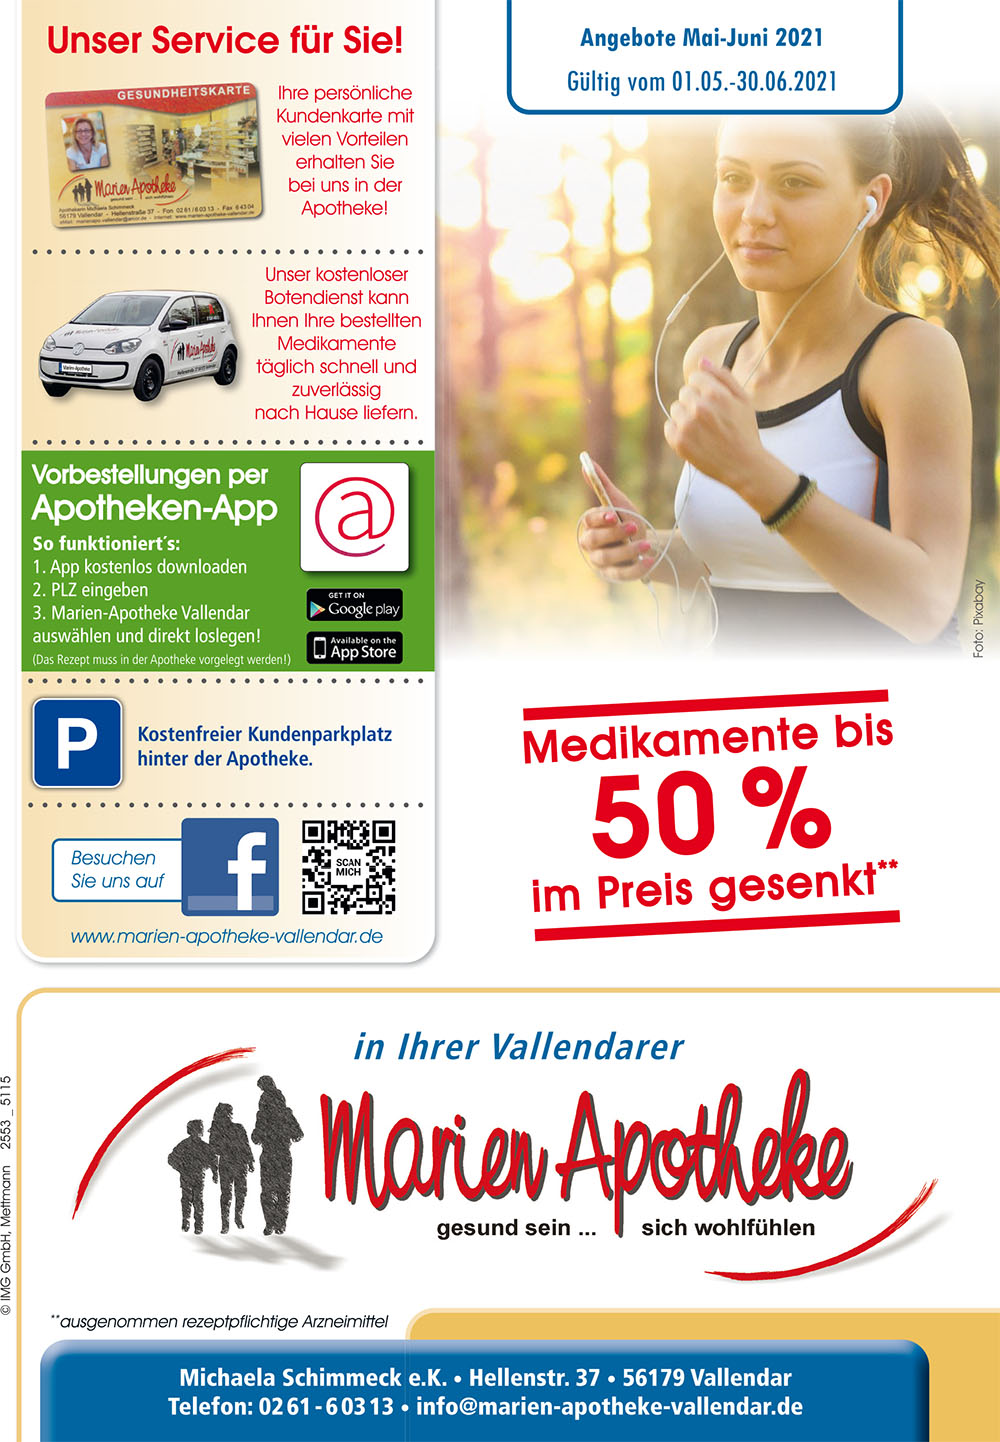 https://www-apotheken-de.apocdn.net/fileadmin/clubarea/00000-Angebote/56179_marien_angebot_1.jpg